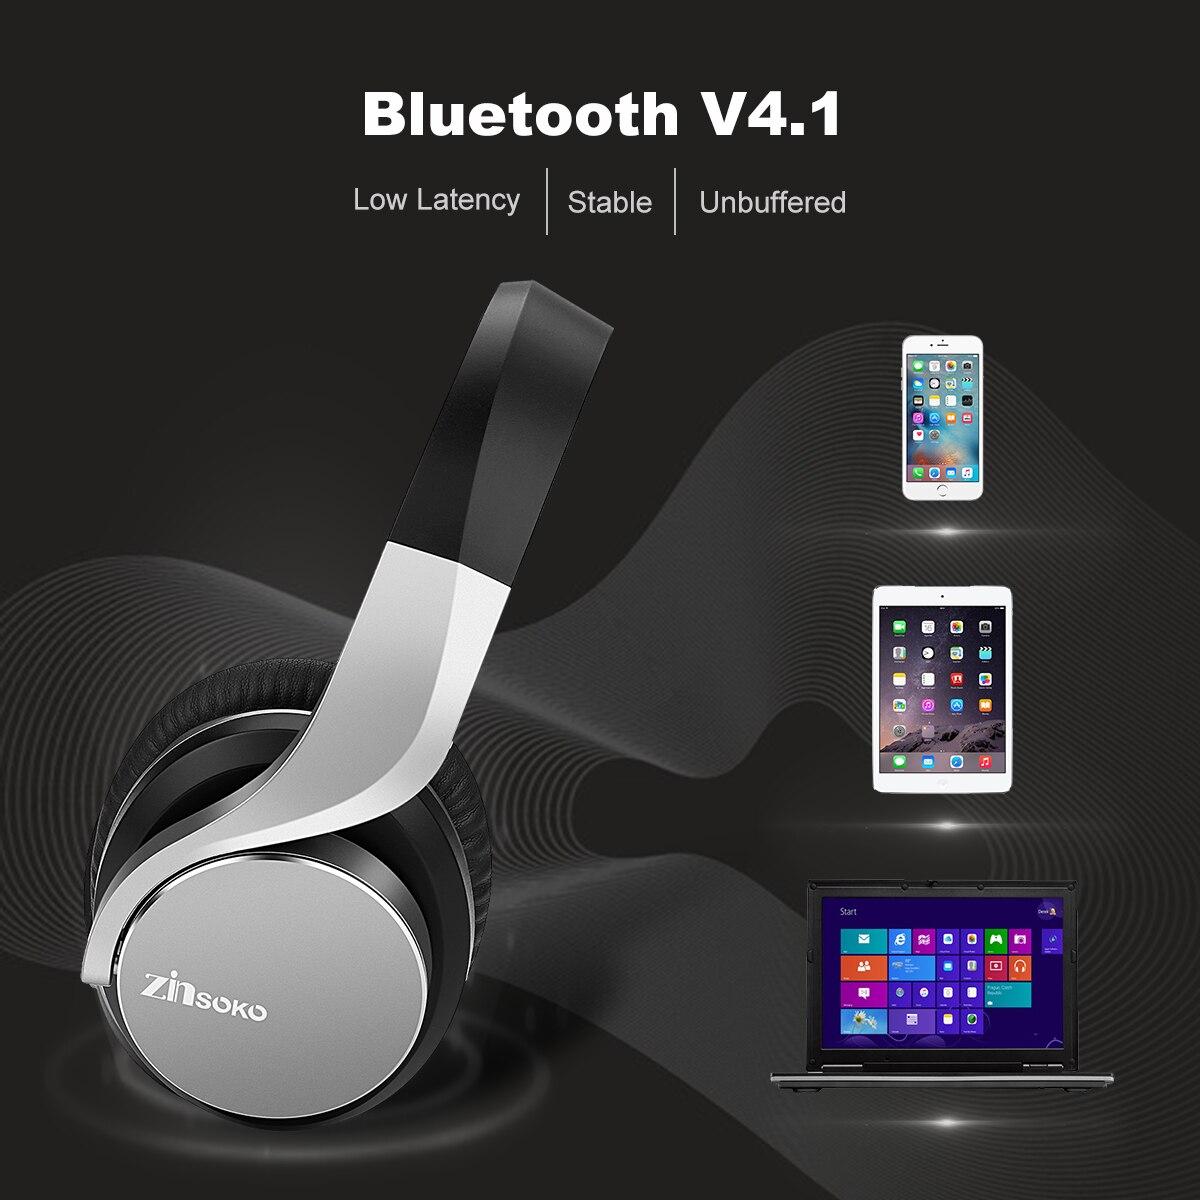 Zinsoko B021 Teilen Mich Drahtlose Bluetooth Kopfhörer Power Bass ...